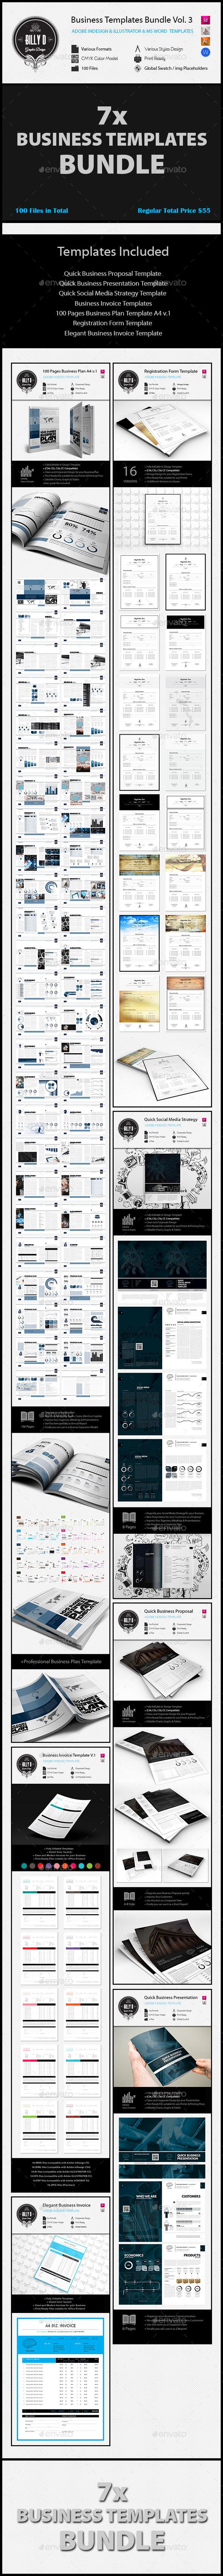 GraphicRiver Business Templates Bundle Vol.3 11637139